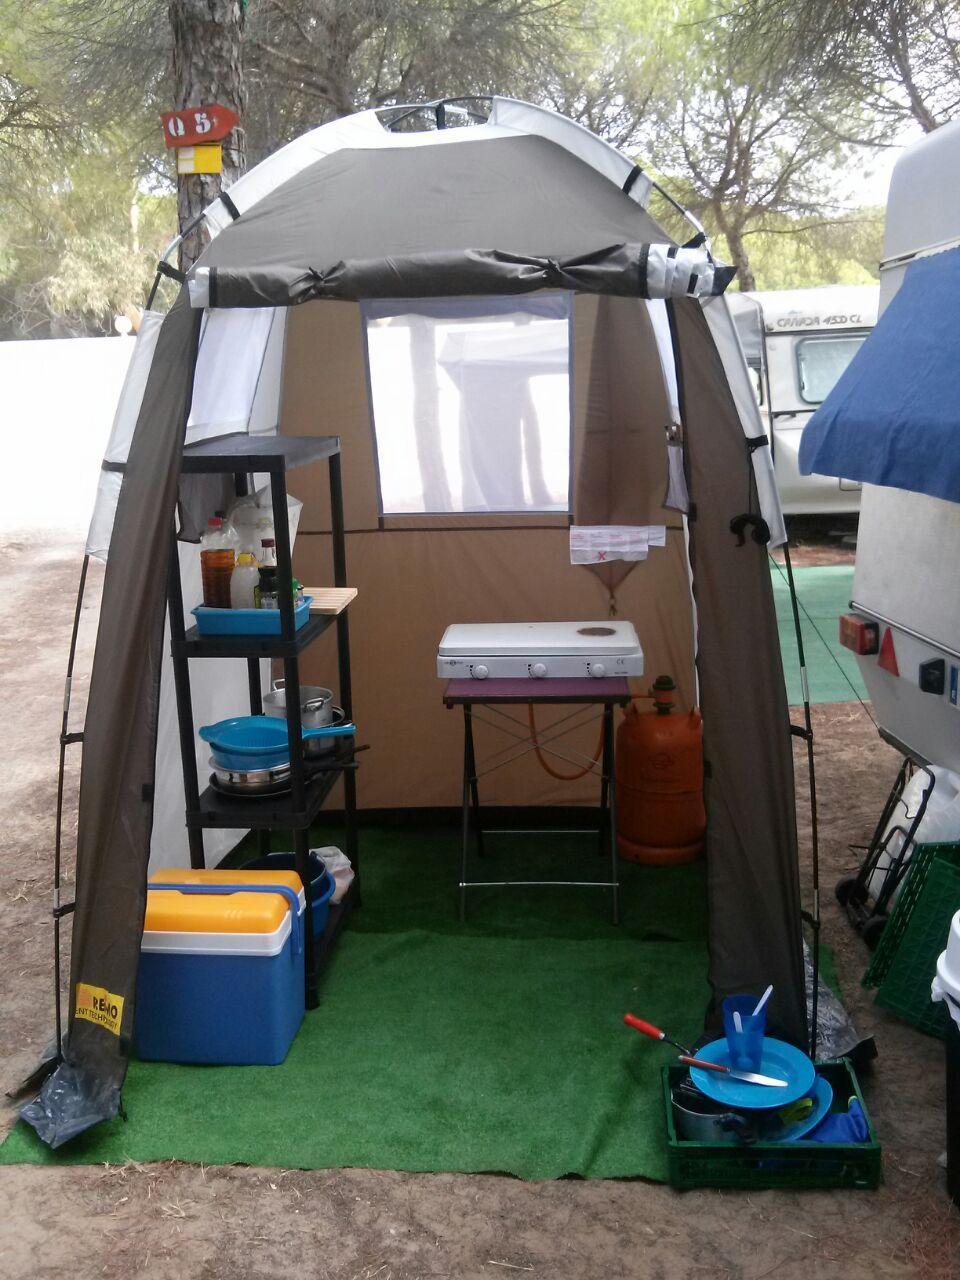 Tienda Cocina Camping Economica | Tienda De Cocina Vestidor Wc Ducha Economica Del Facil Montaje